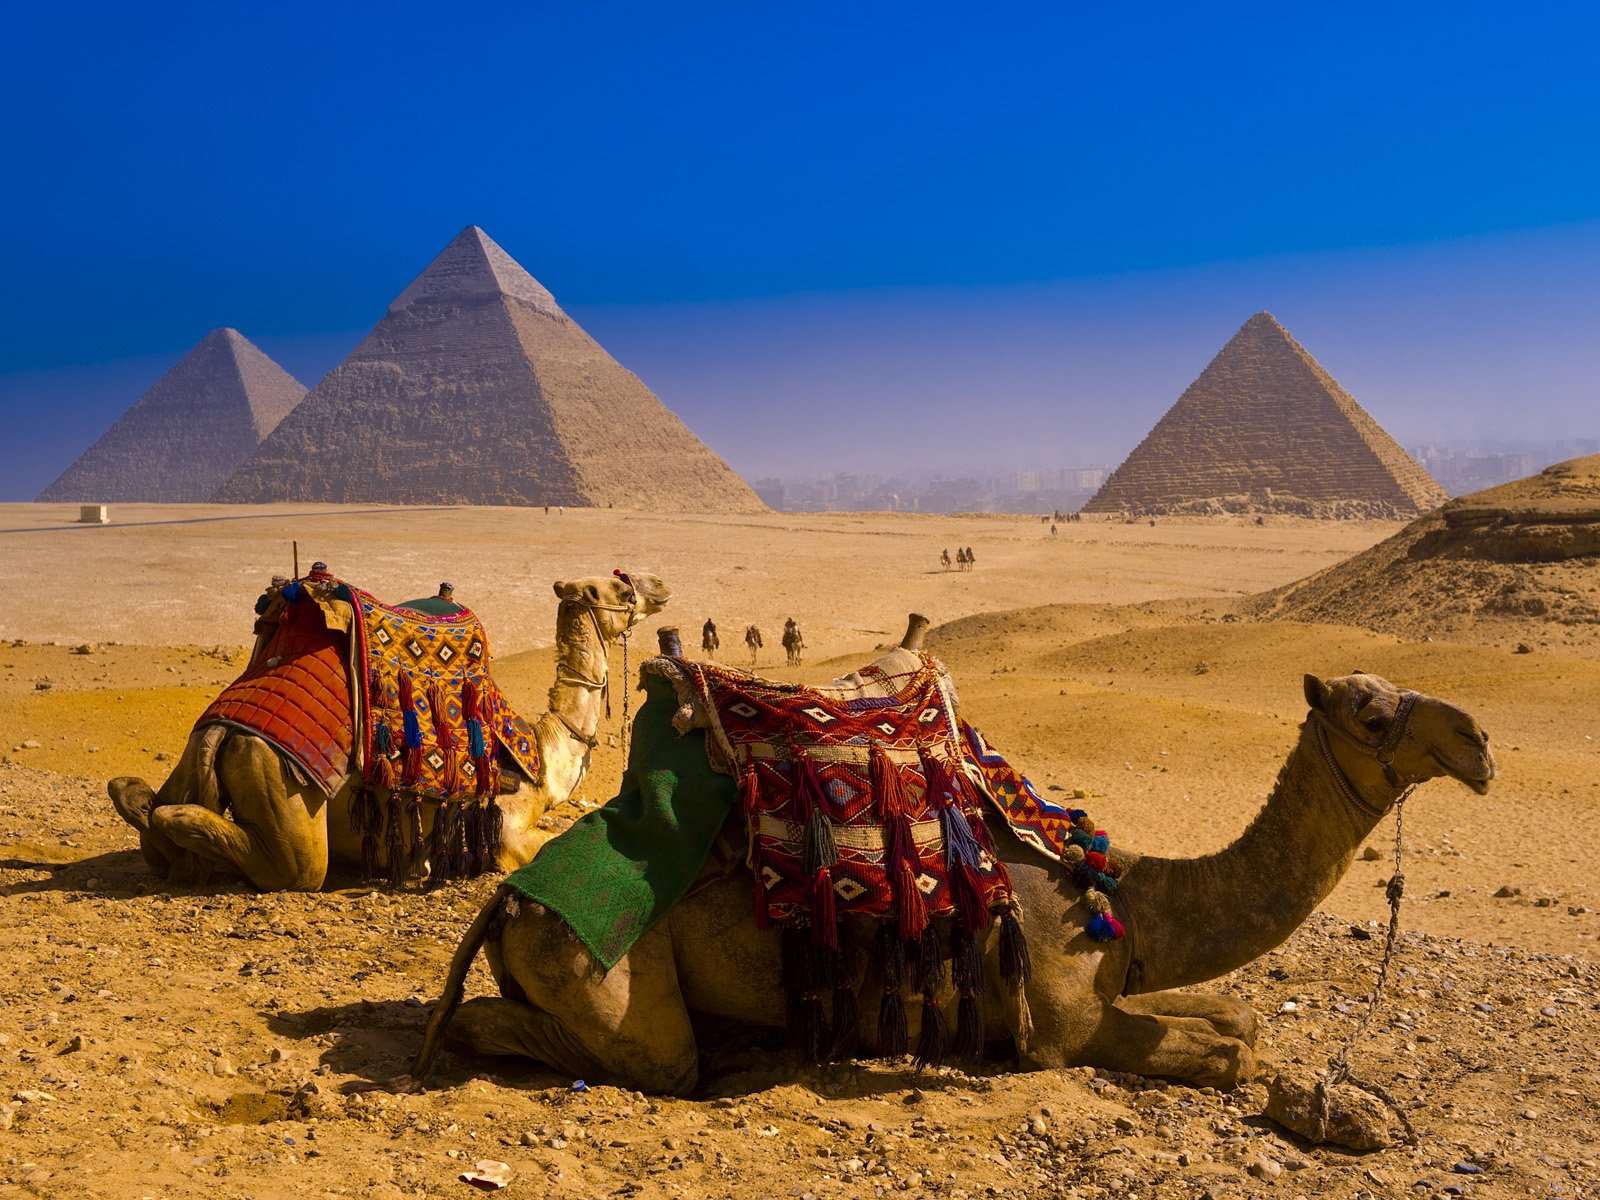 Ägypten Tagestouren & Ägypten Reisepakete